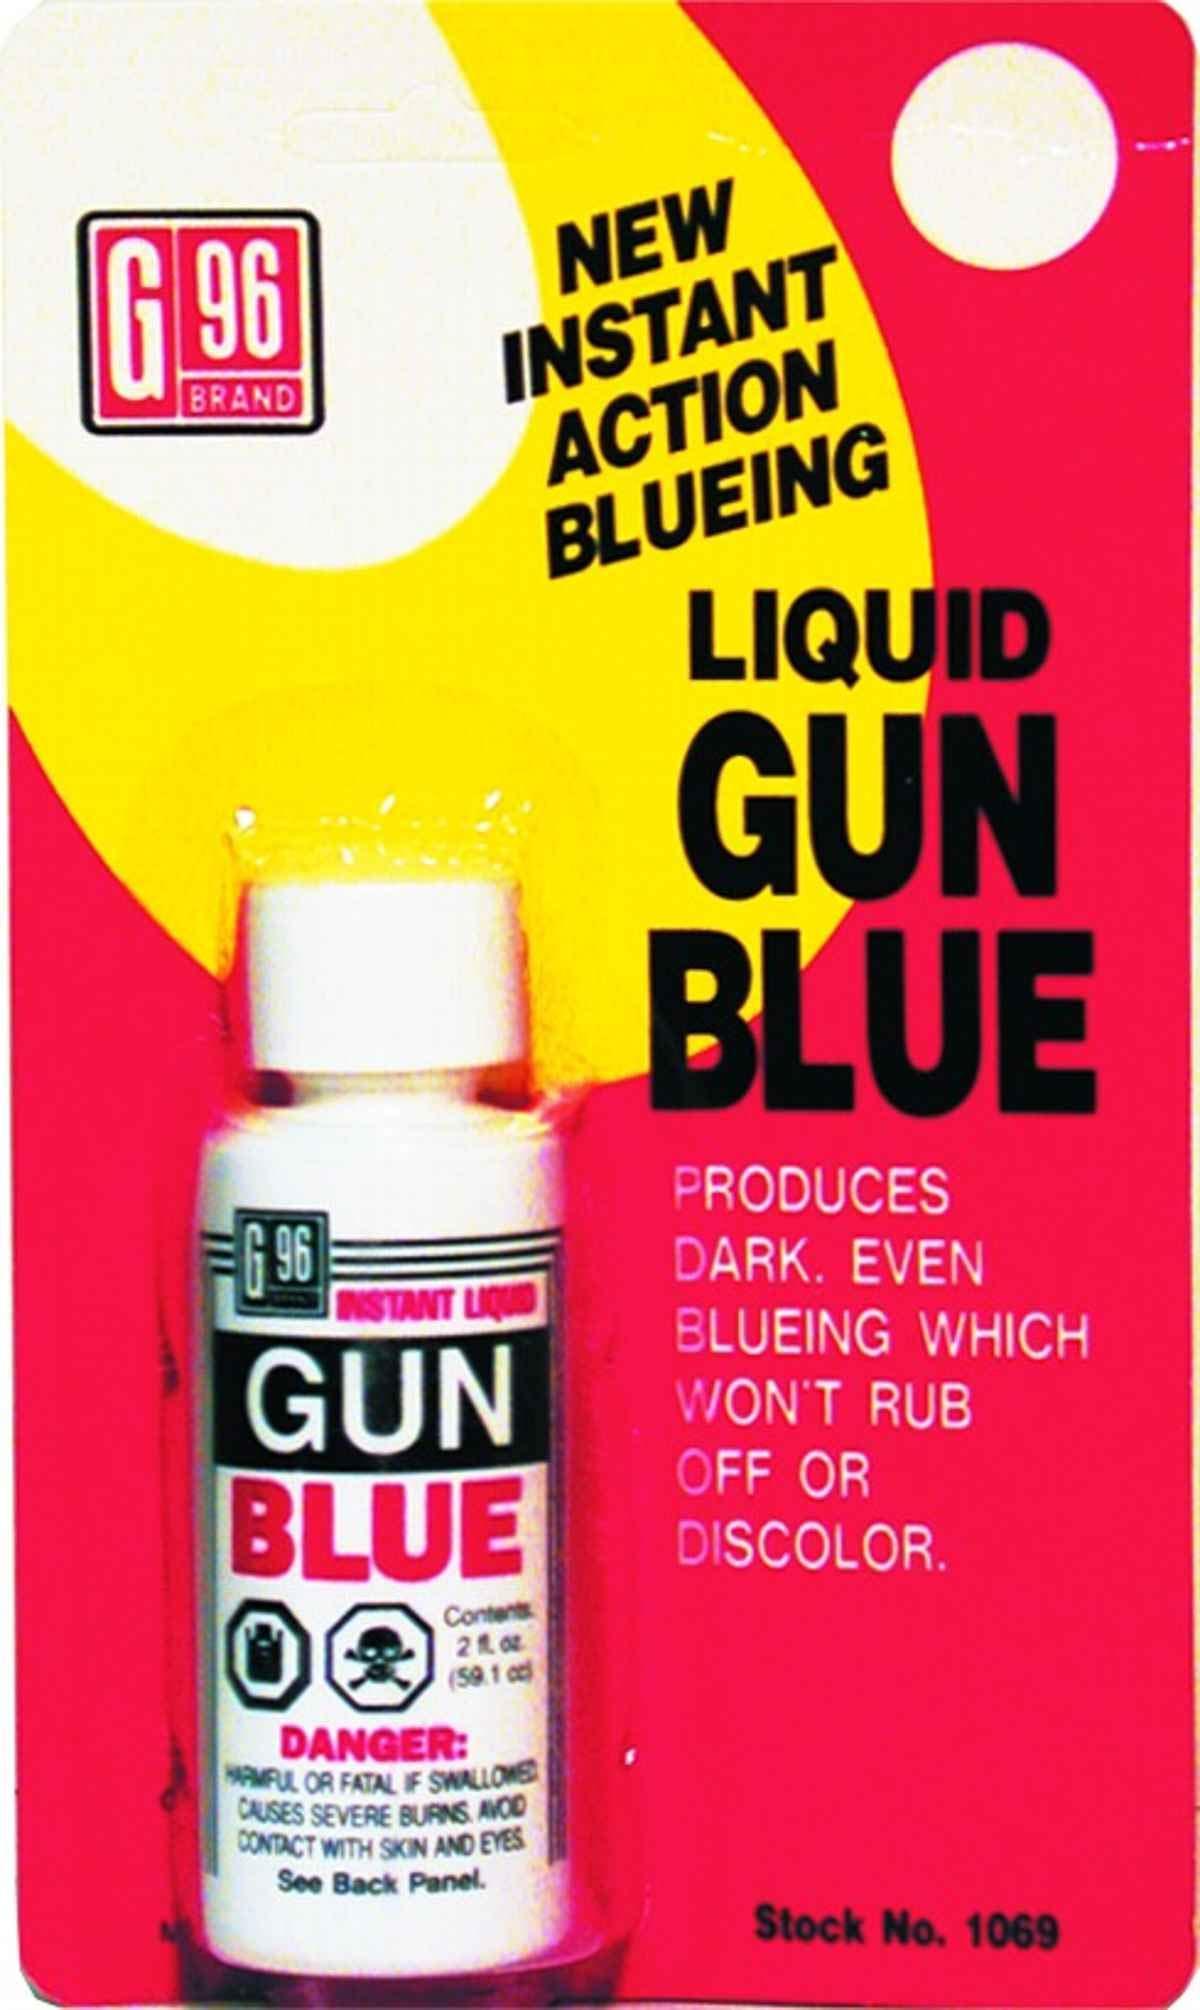 G96 PRODUCTS INC 1069 Liquid Gun Blue (2 OZ.)